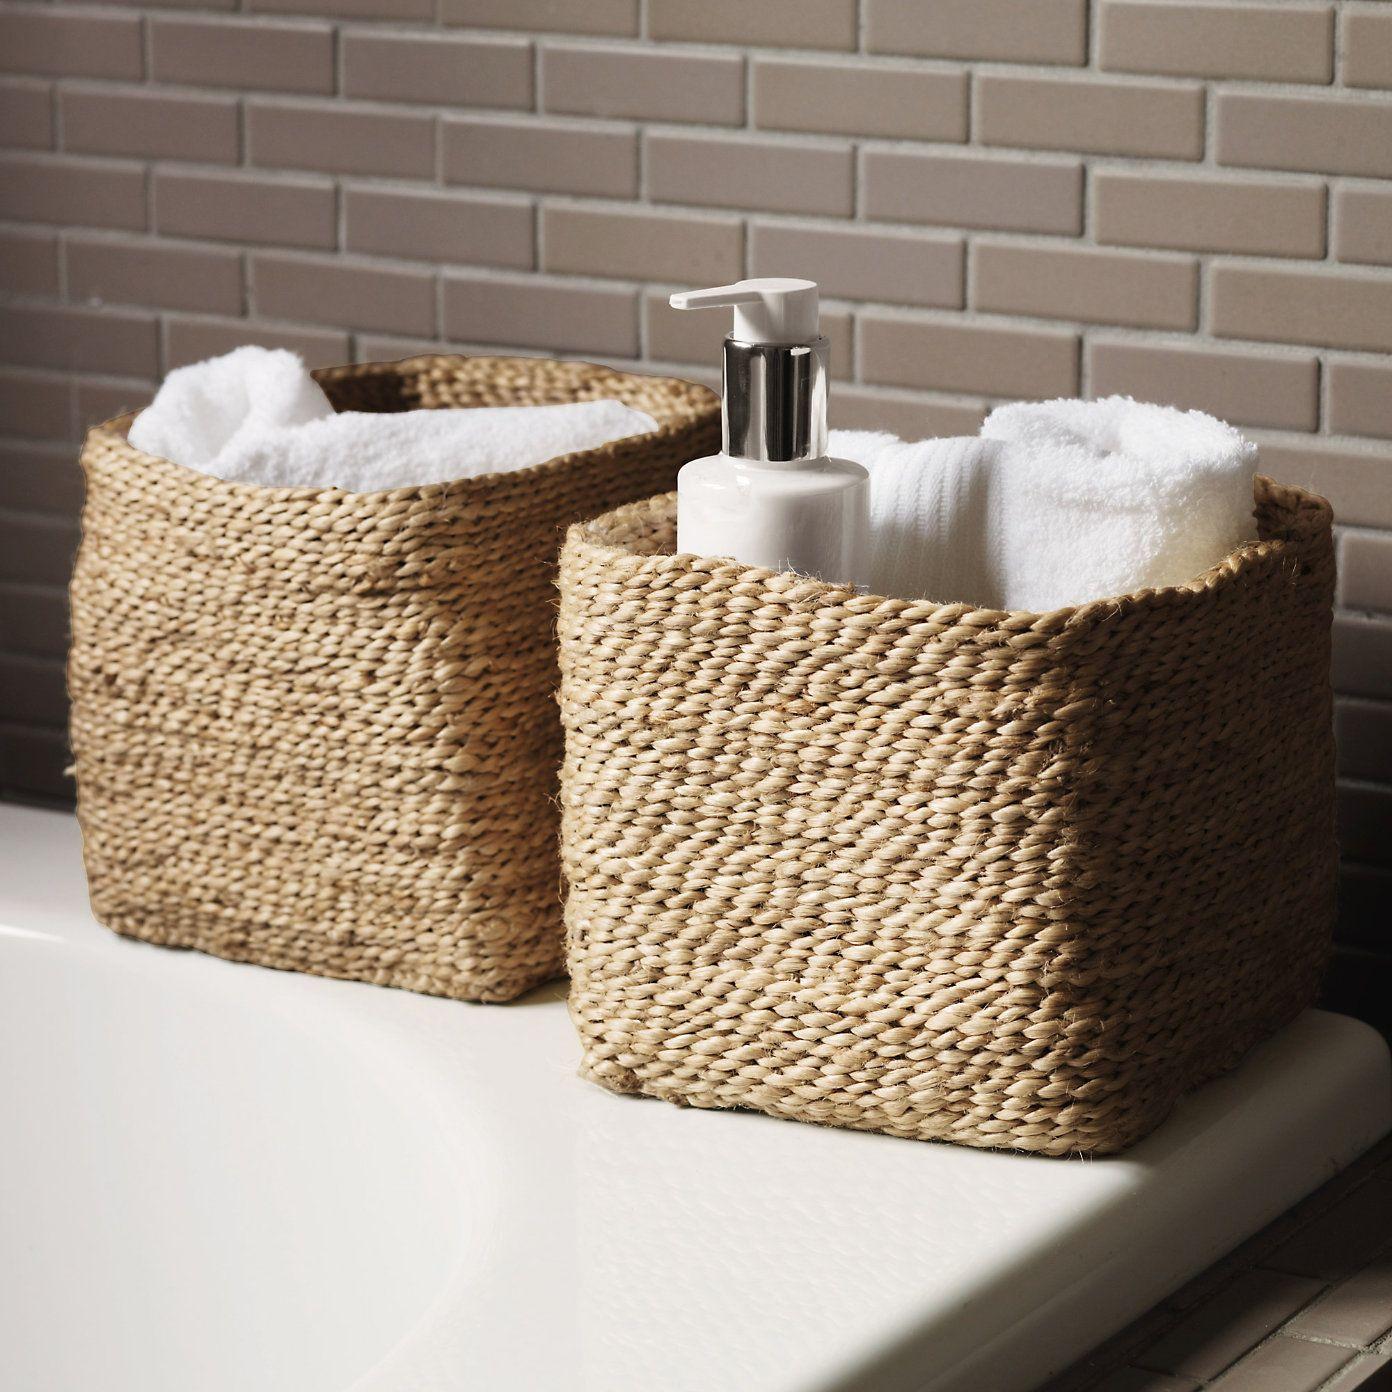 Small Jute Storage Basket Bathroom Accessories Thewhitecompany Com Bathroom Basket Storage Bathroom Baskets Rustic Bathroom Vanities